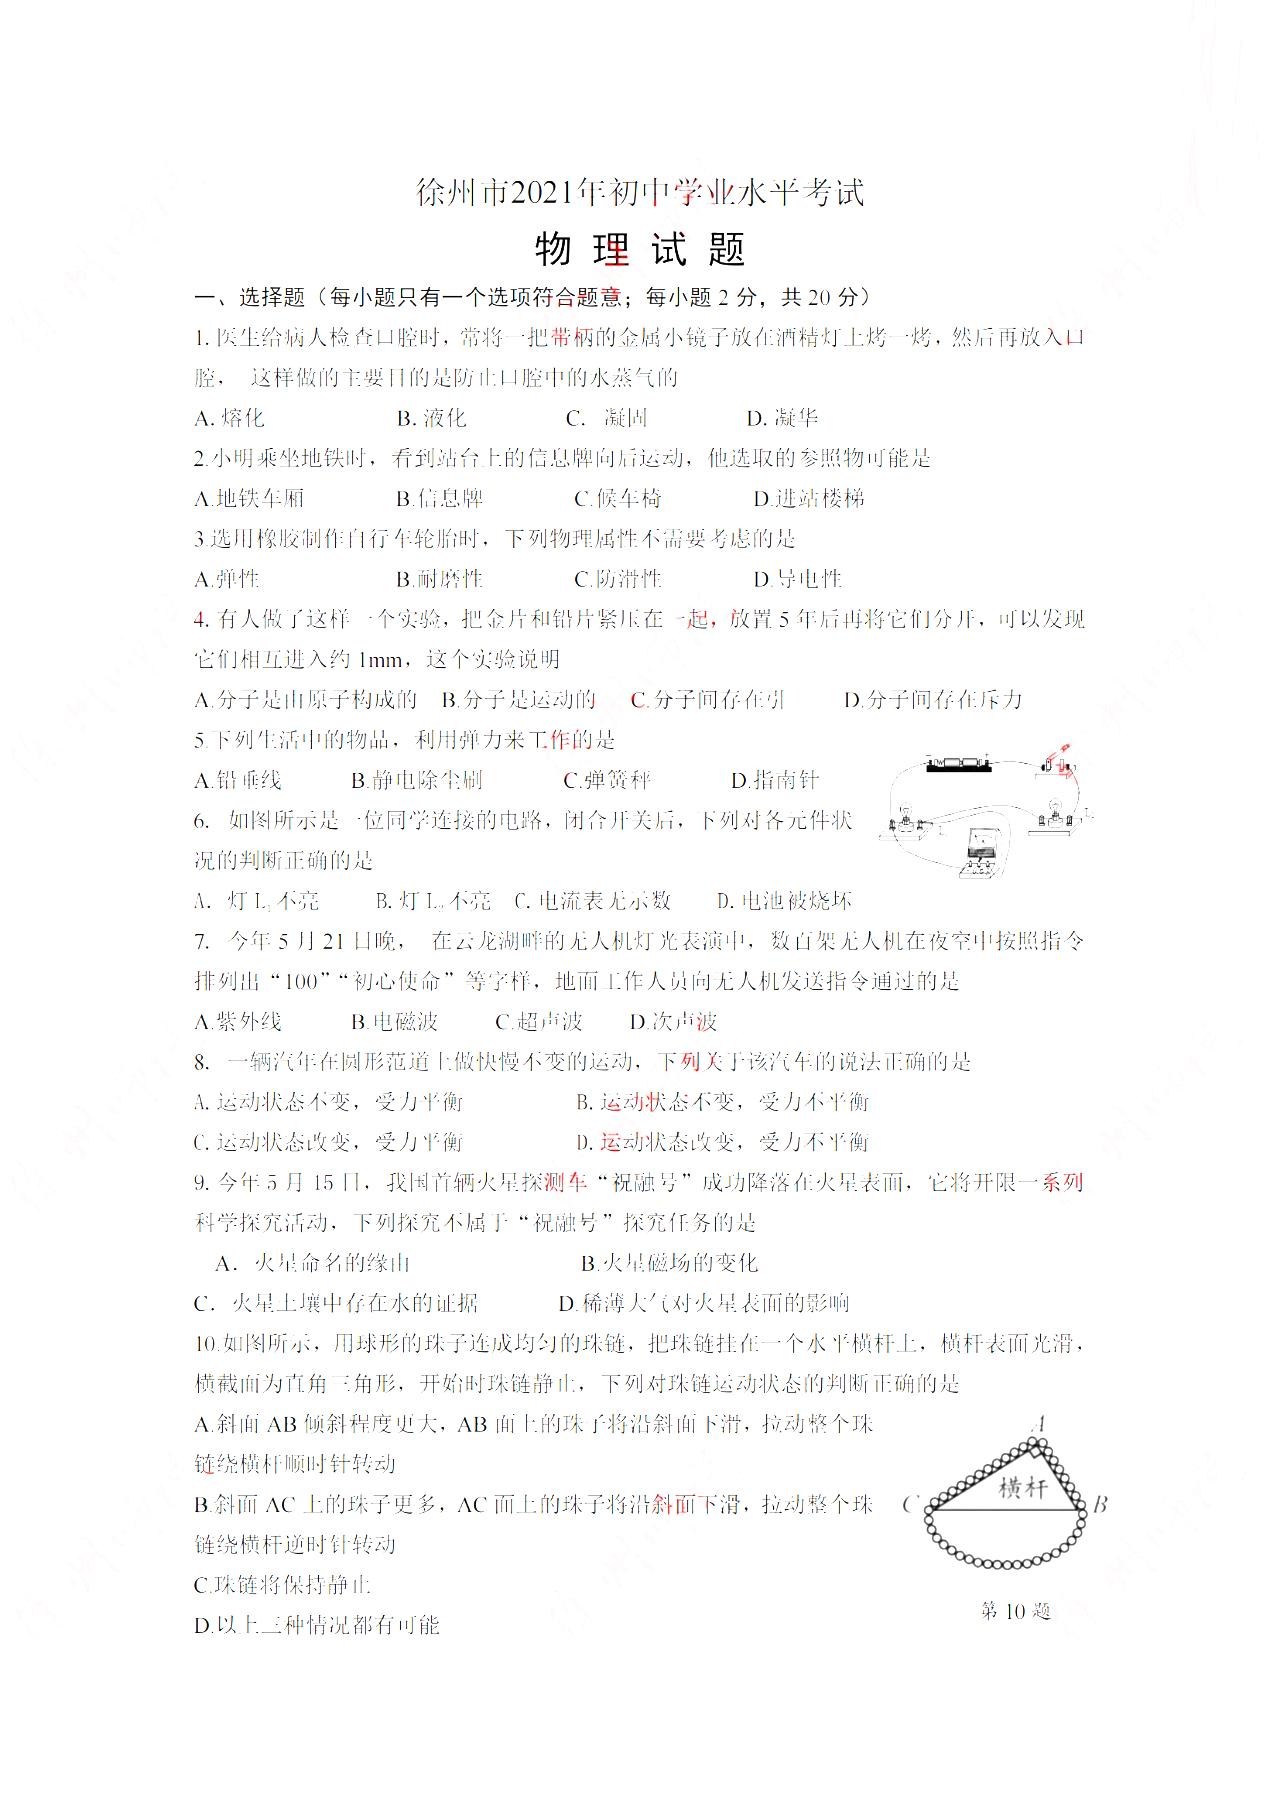 江苏省徐州市2021年中考物理试题及答案,物理难不难?